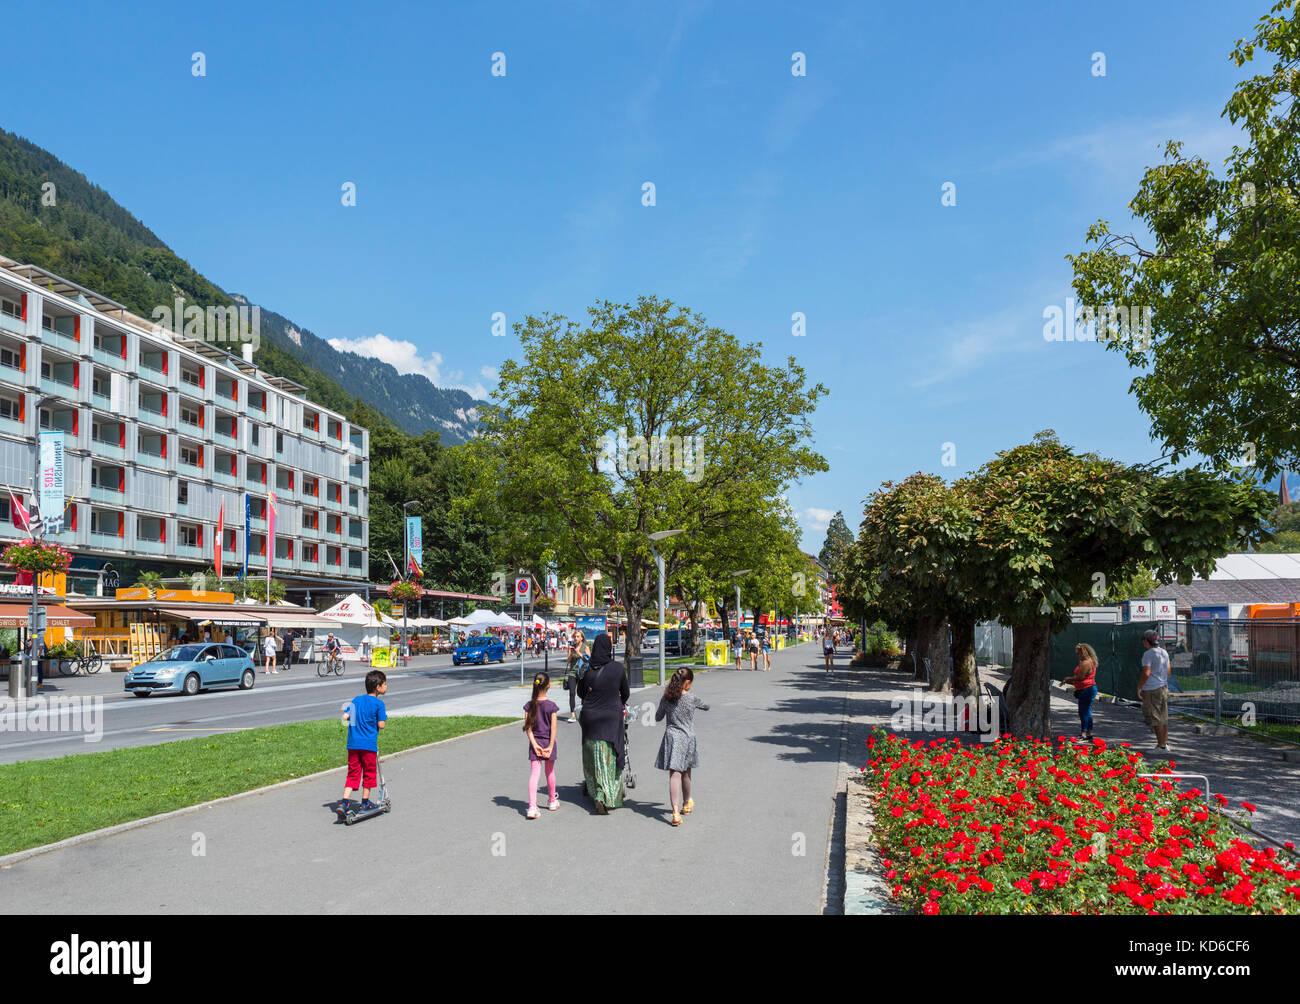 Höheweg, la calle principal en Interlaken, Suiza Imagen De Stock